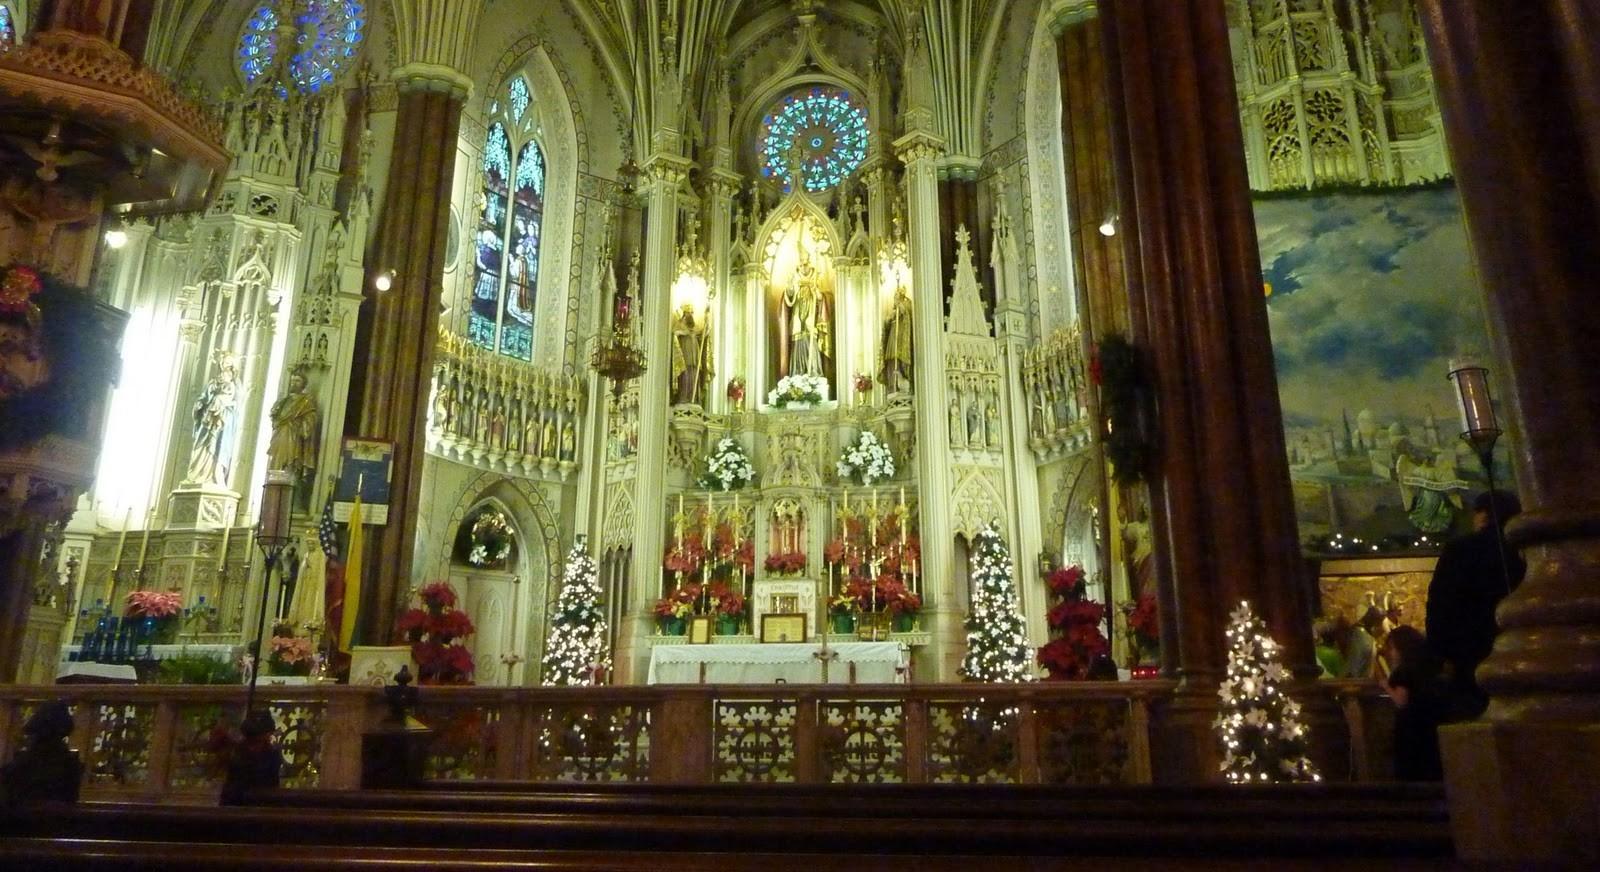 St. Alphonsus